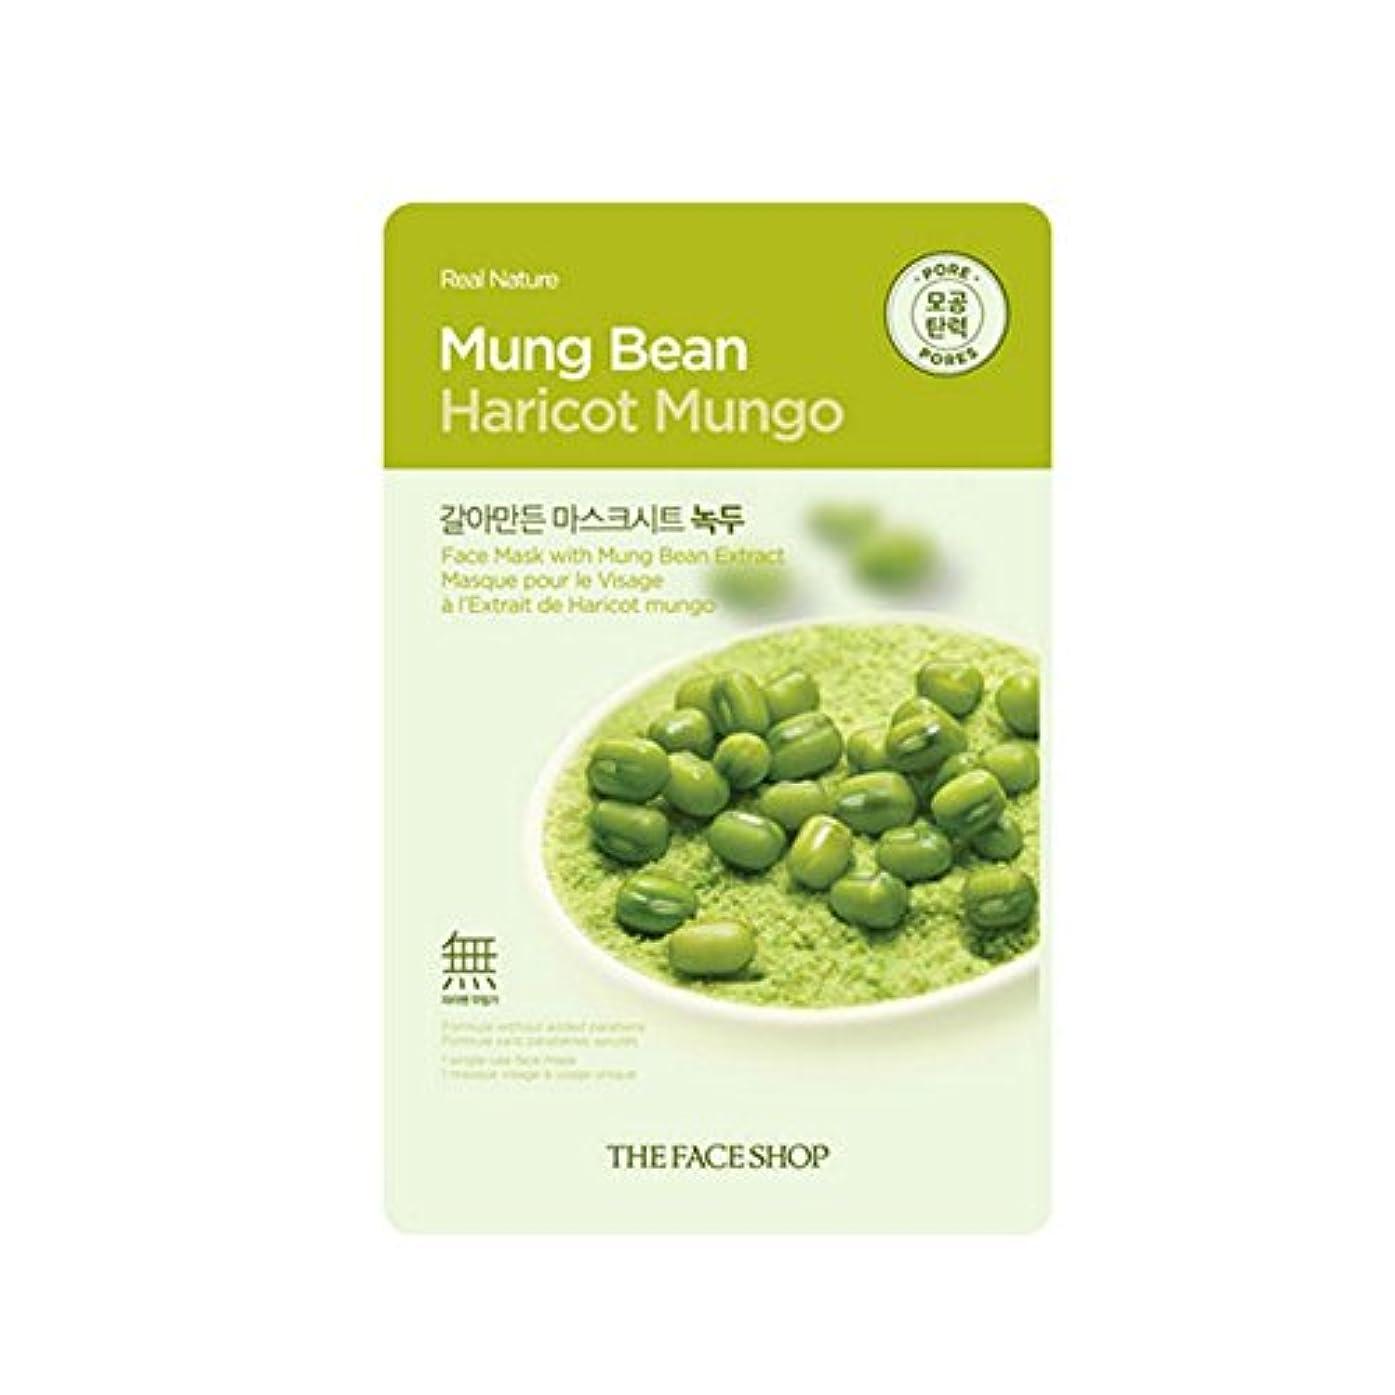 時刻表同性愛者編集する[The Face Shop] ザフェイスショップ リアルネイチャーマスクシート Real Nature Mask Sheet (Mung Bean (緑豆) 10個) [並行輸入品]